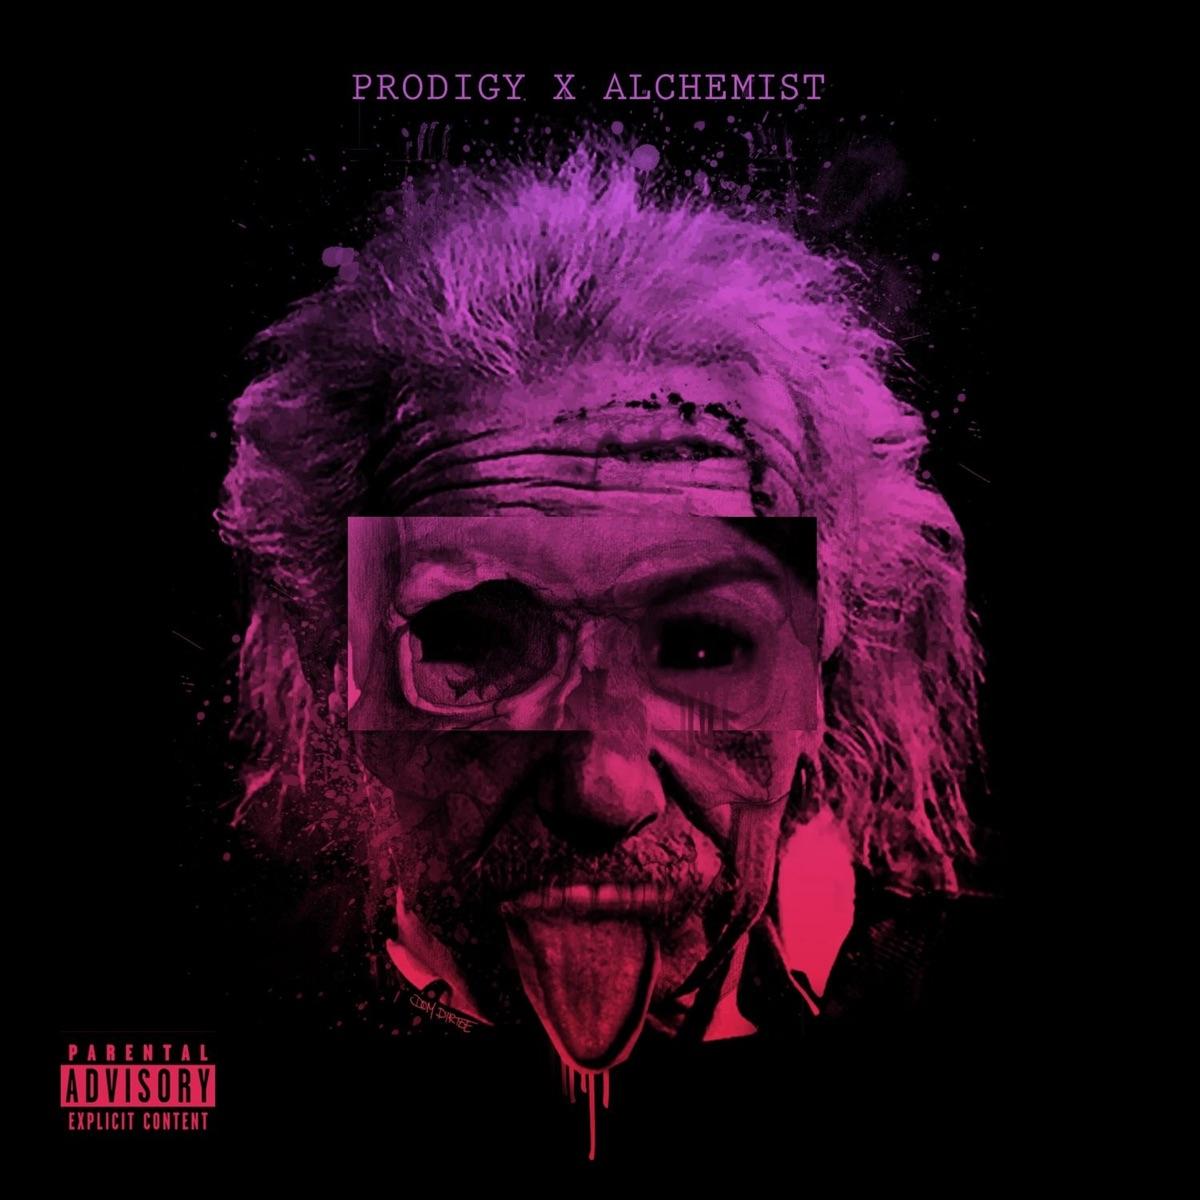 Albert Einstein Prodigy  Alchemist CD cover